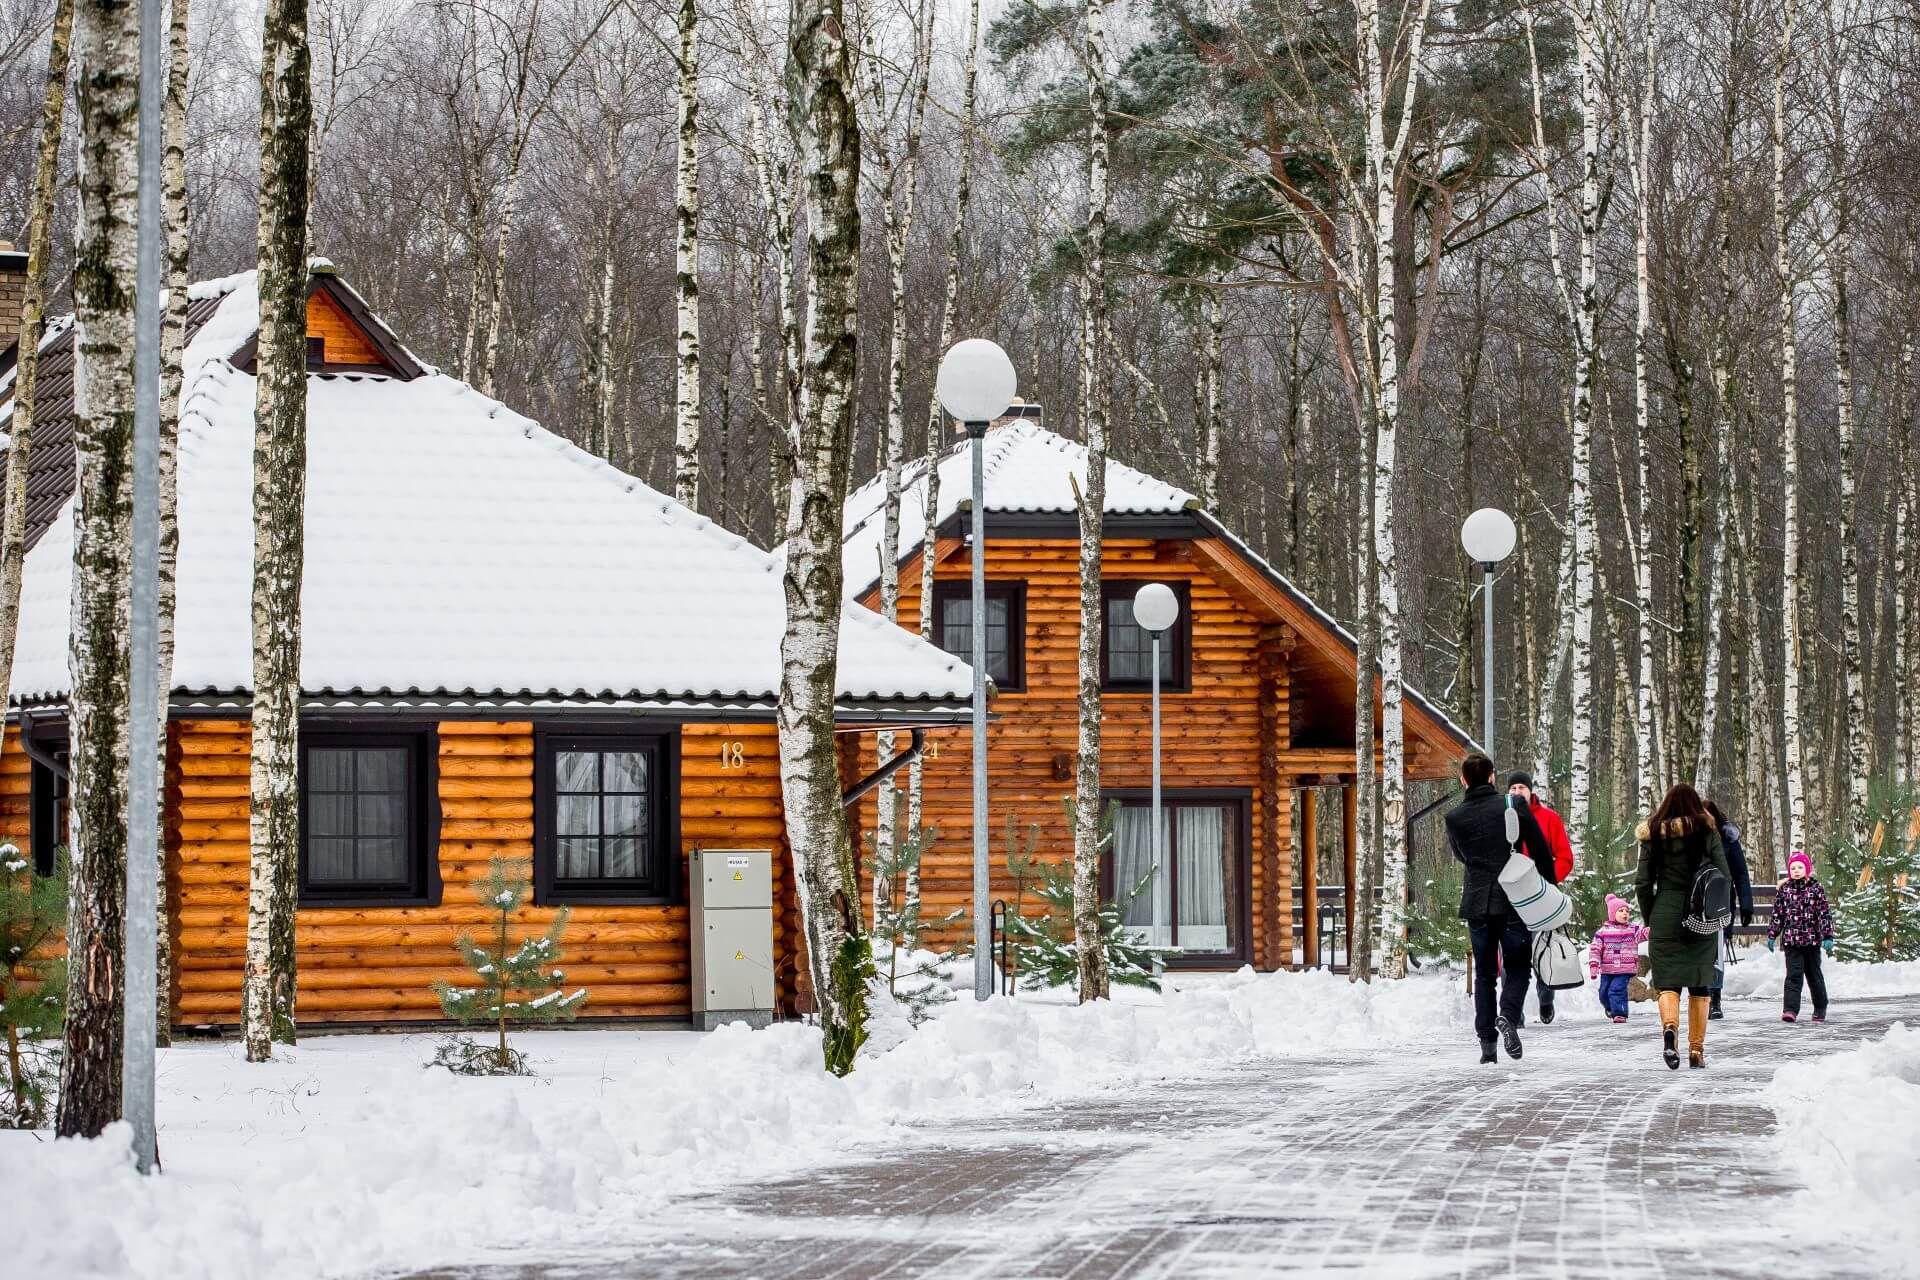 Atostogos žiemą